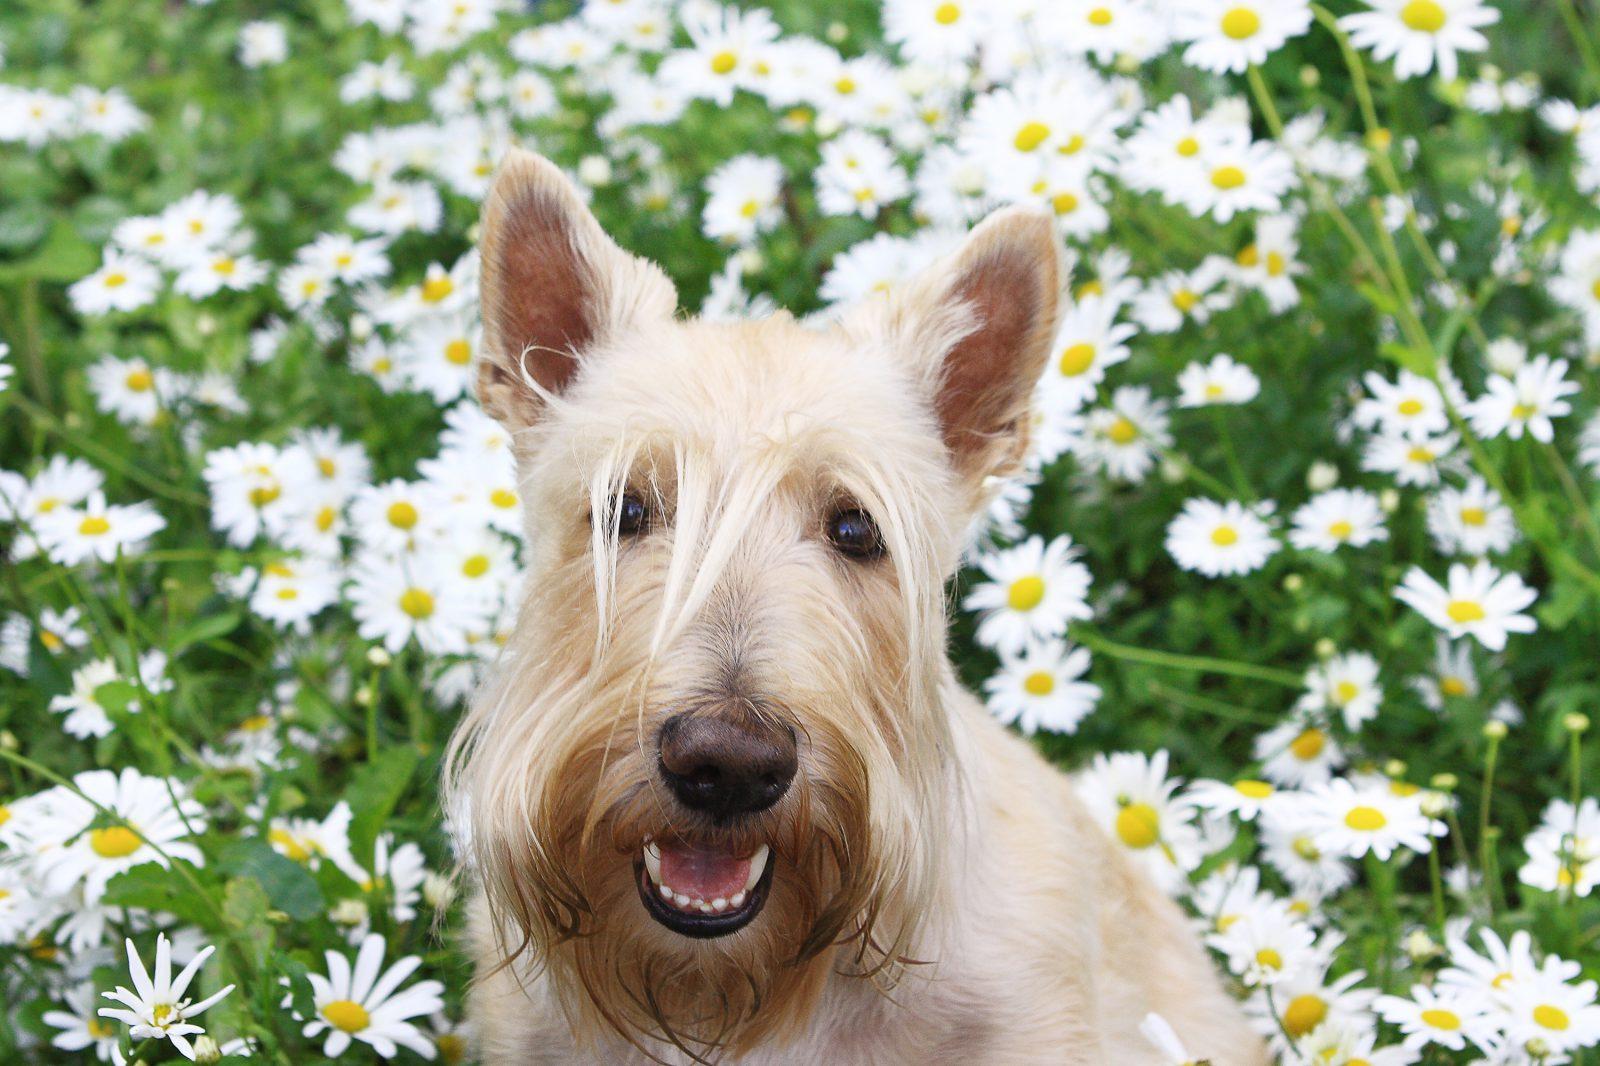 Cachorro latindo: Terrier Escocês no meio das flores do jardim.